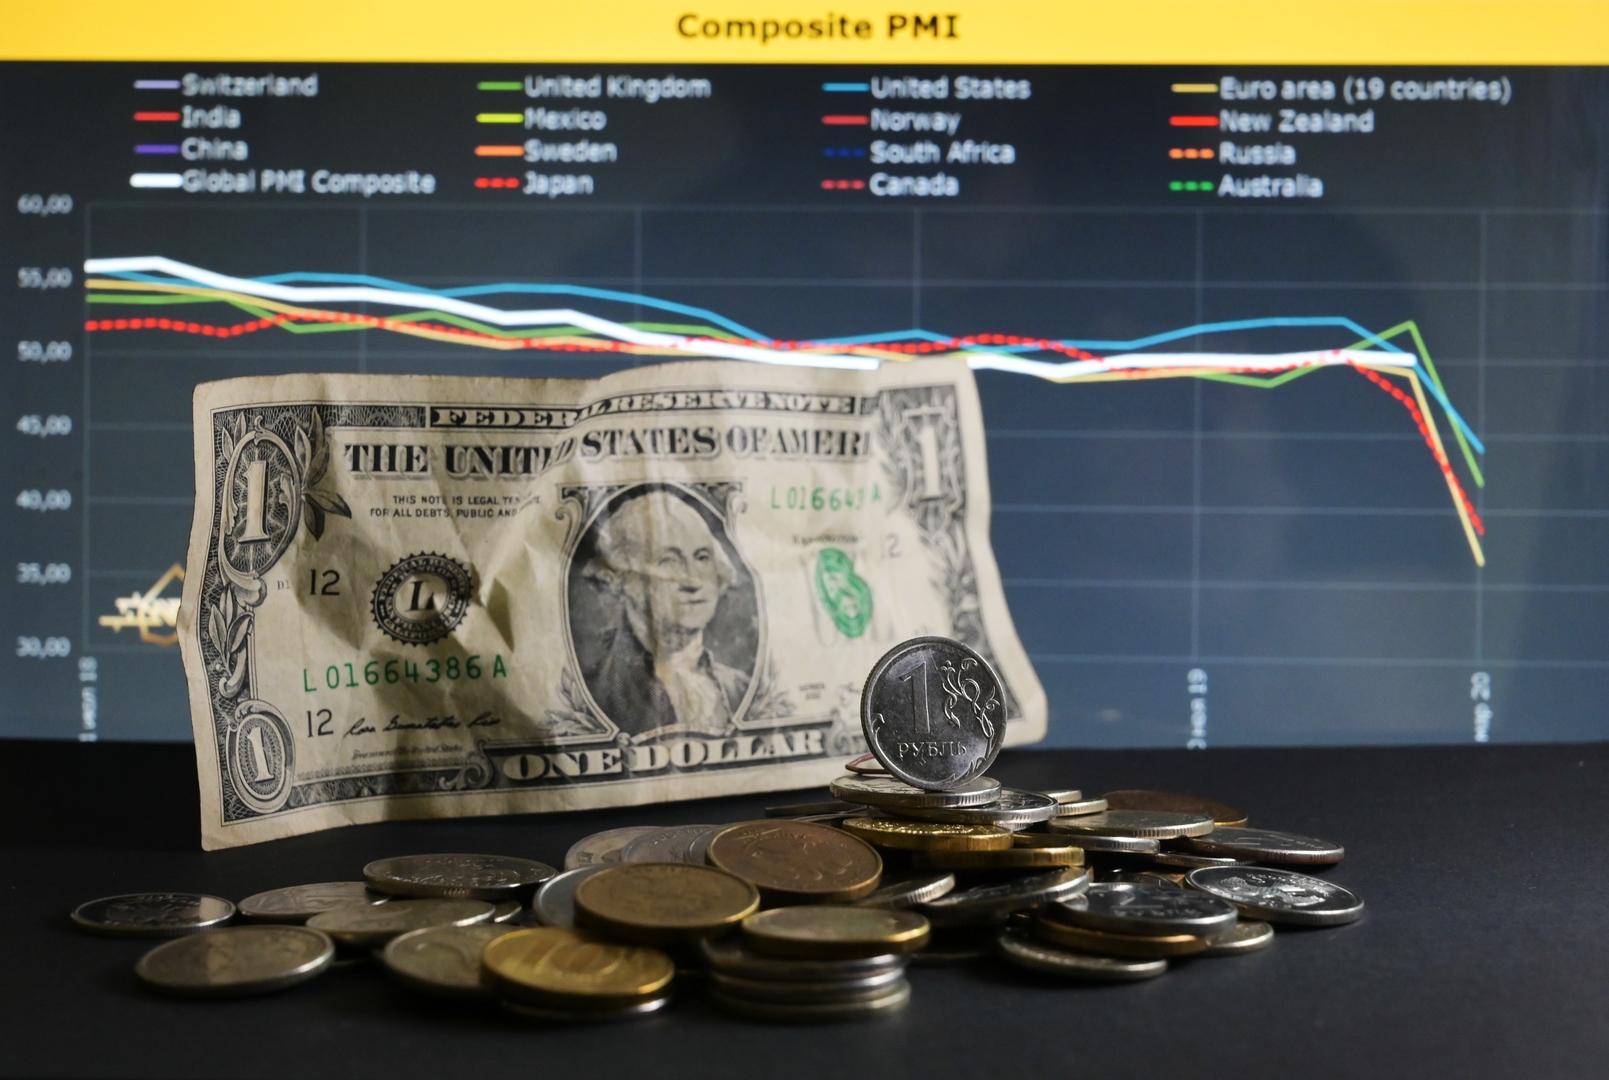 بوتين: الاقتصاد الروسي تعافى رغم التقلبات فيالأسواق العالمية